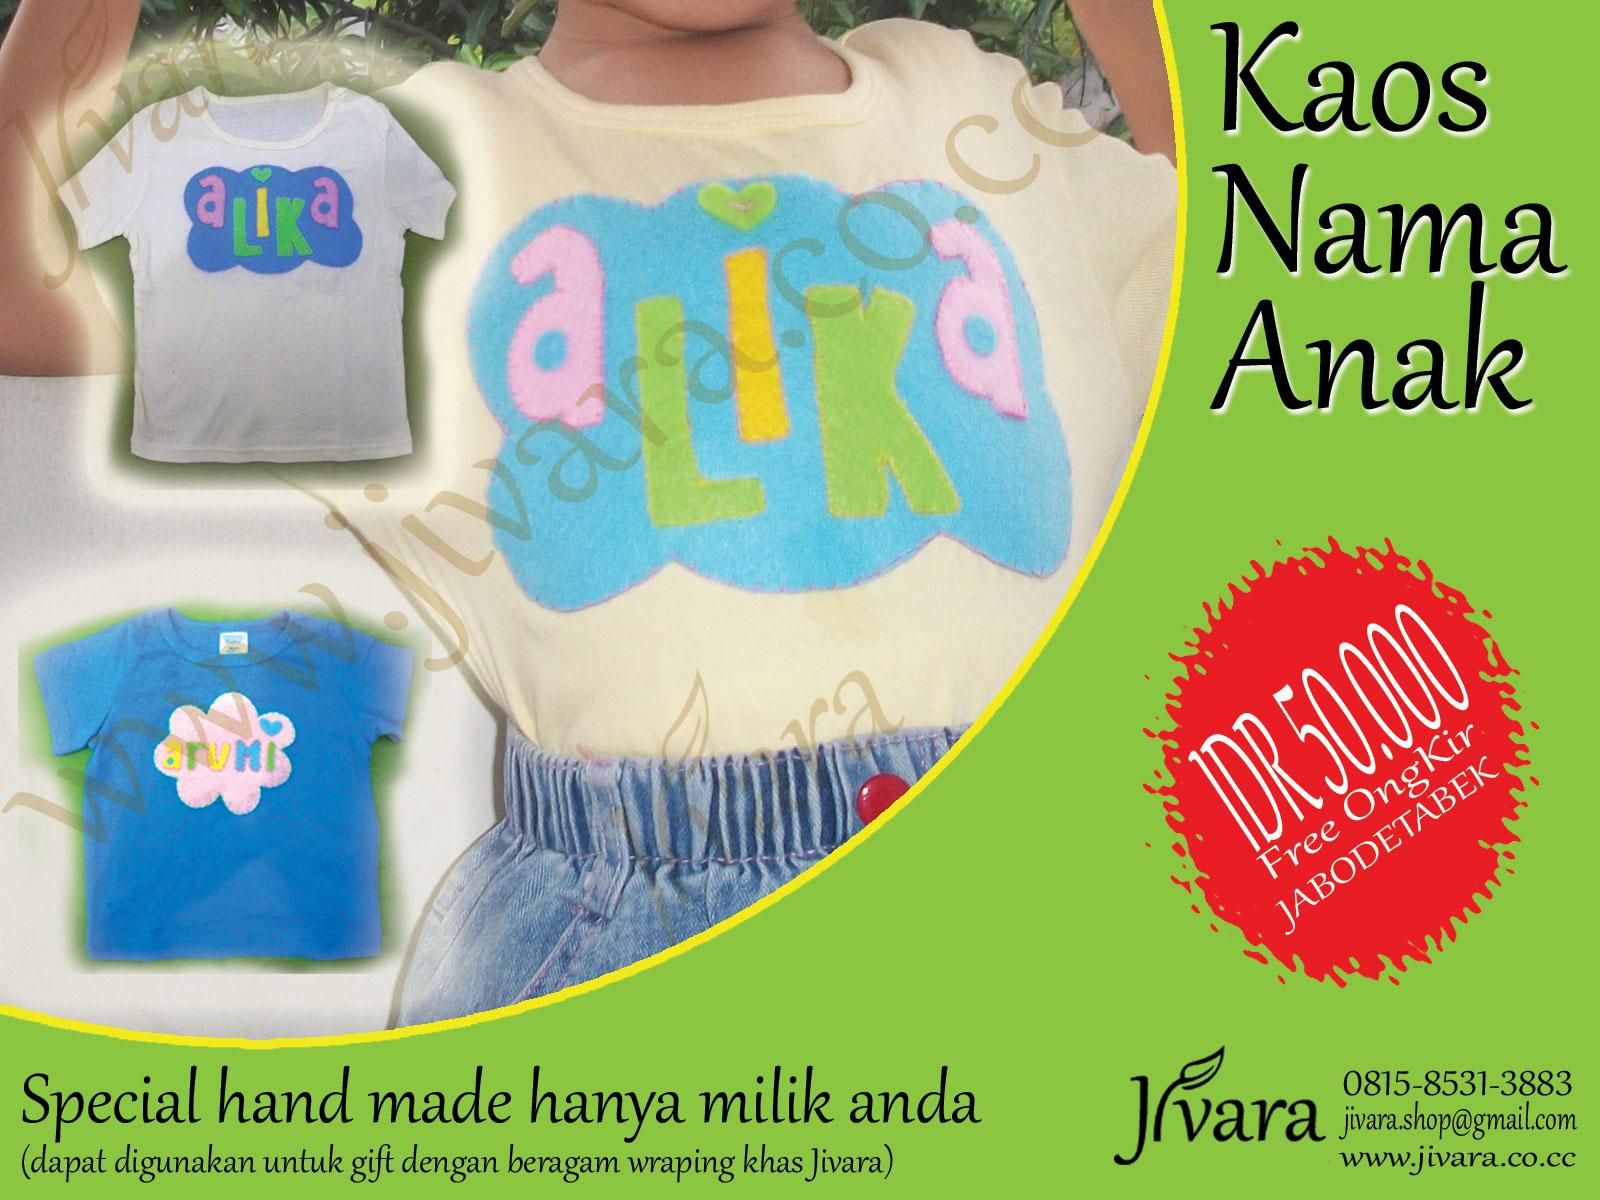 Baju Nama Anak (hand made) | Jivara shop's